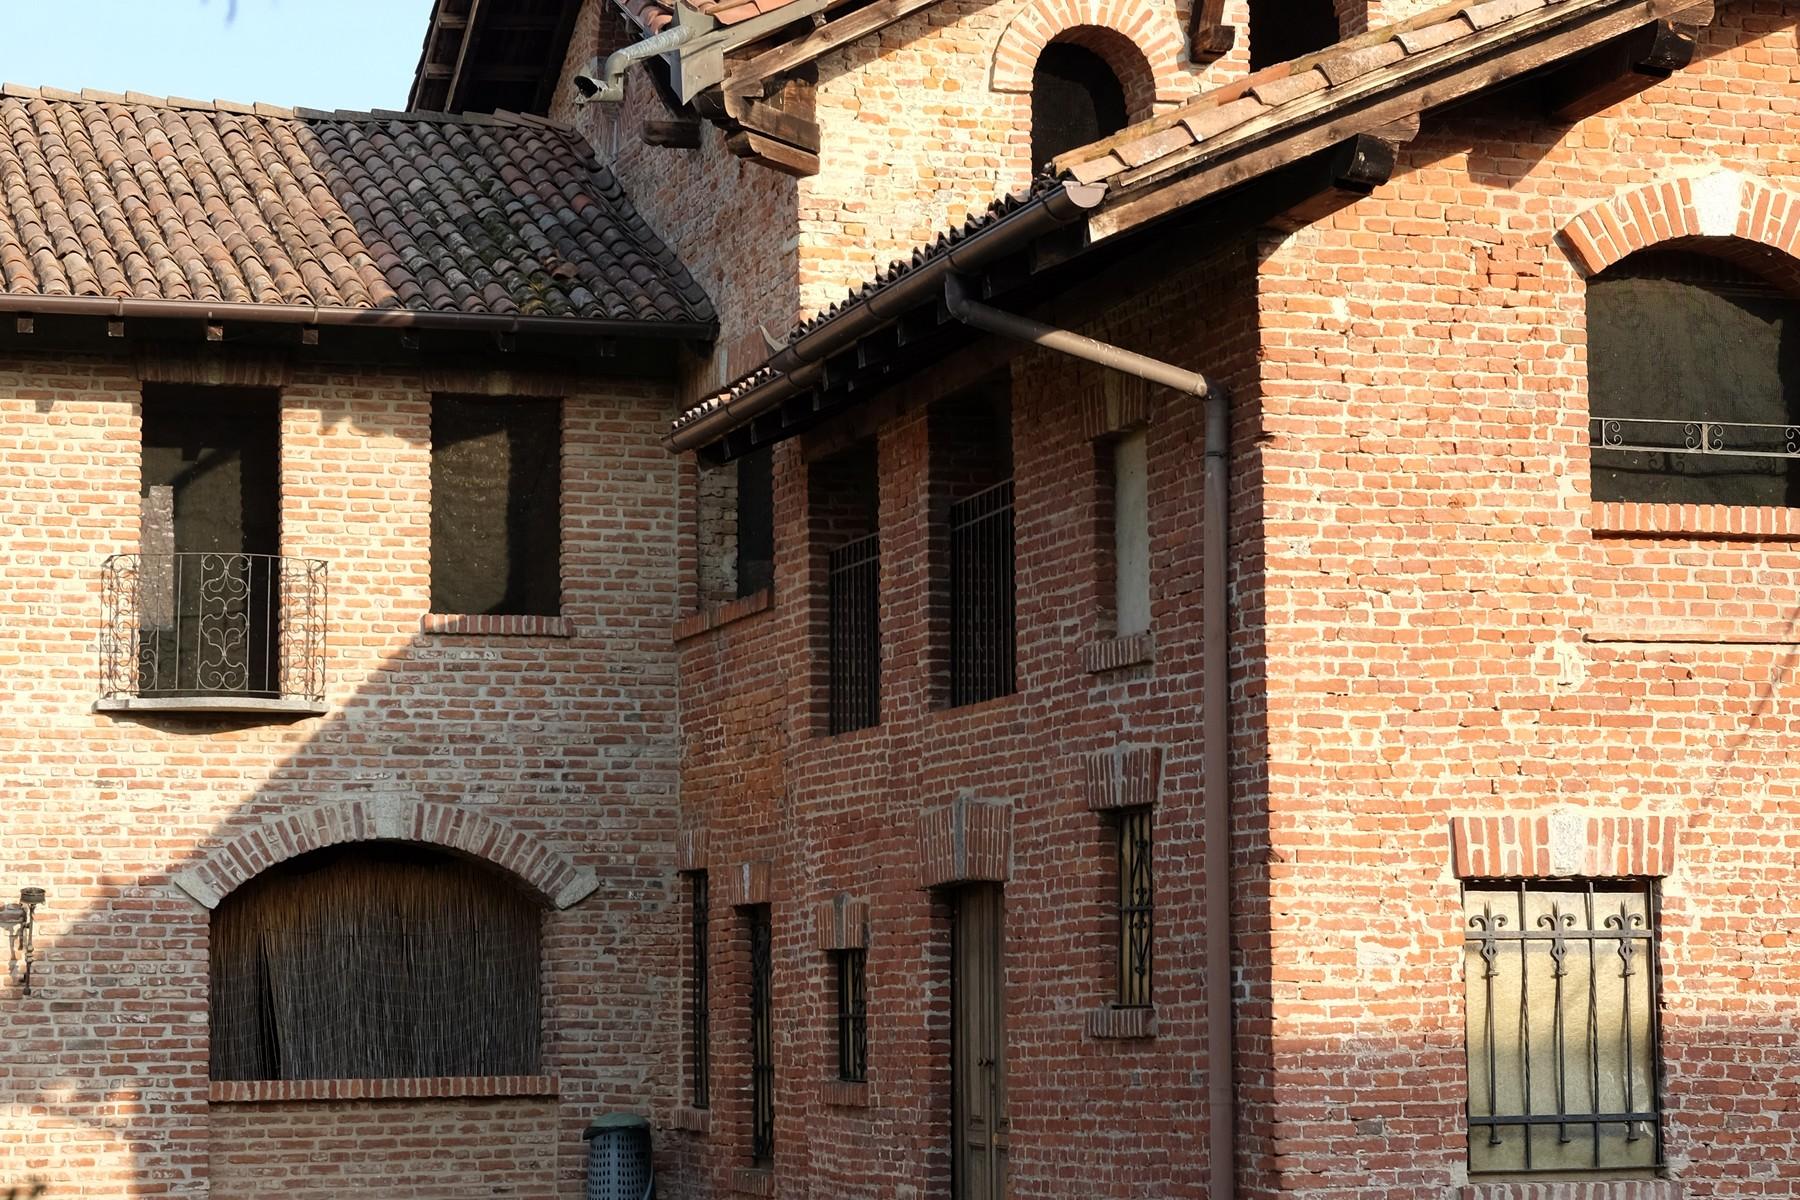 Rustico in Vendita a Castelnovetto: 5 locali, 2000 mq - Foto 7